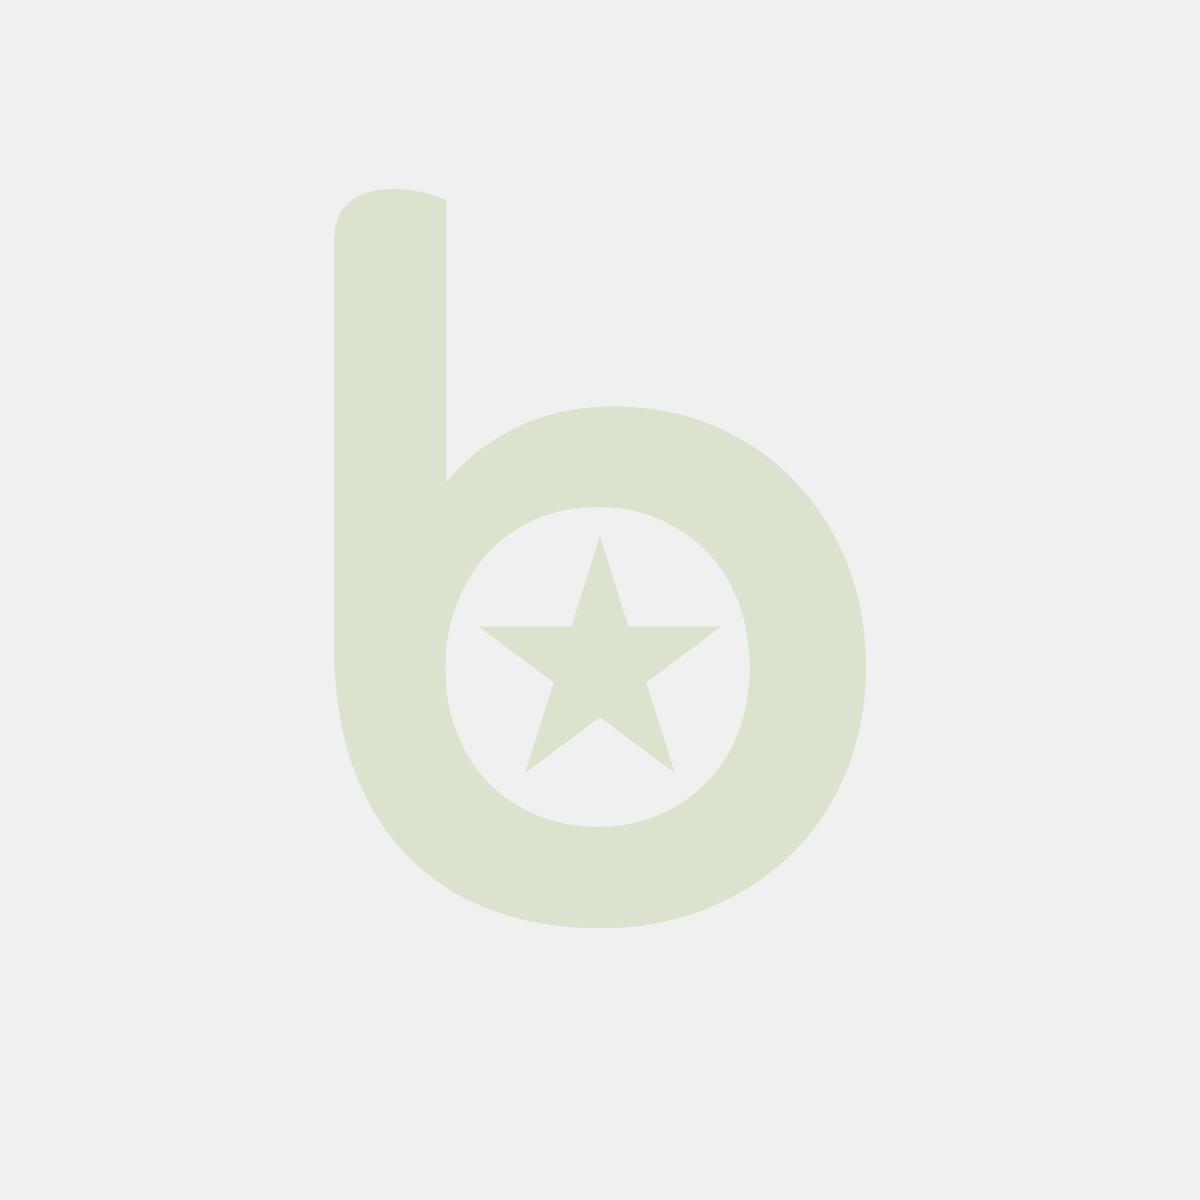 Bieżnik PAPSTAR Royal Collection w rolce 24m/40cm czarny, bibuła